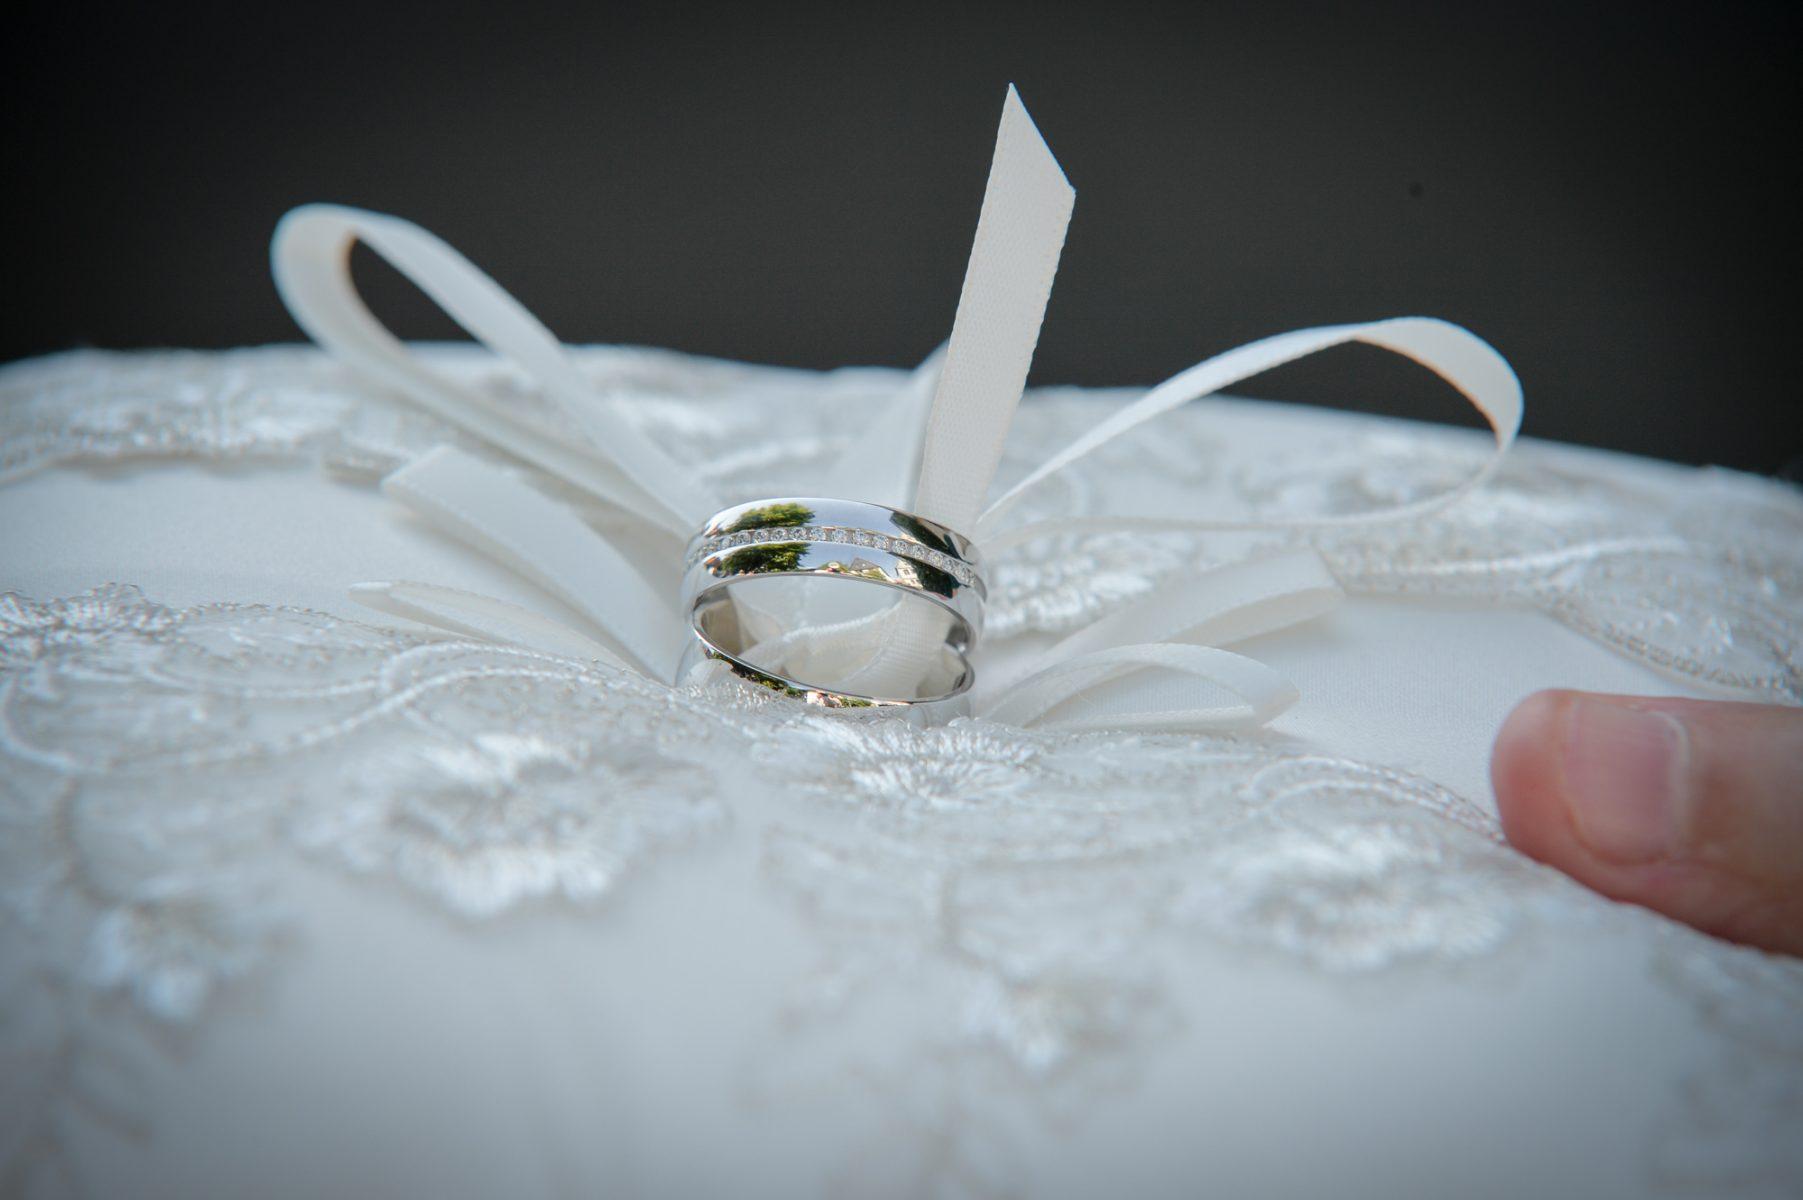 Hochzeit Detail Ringe  5670 1803x1200 - DETAILS